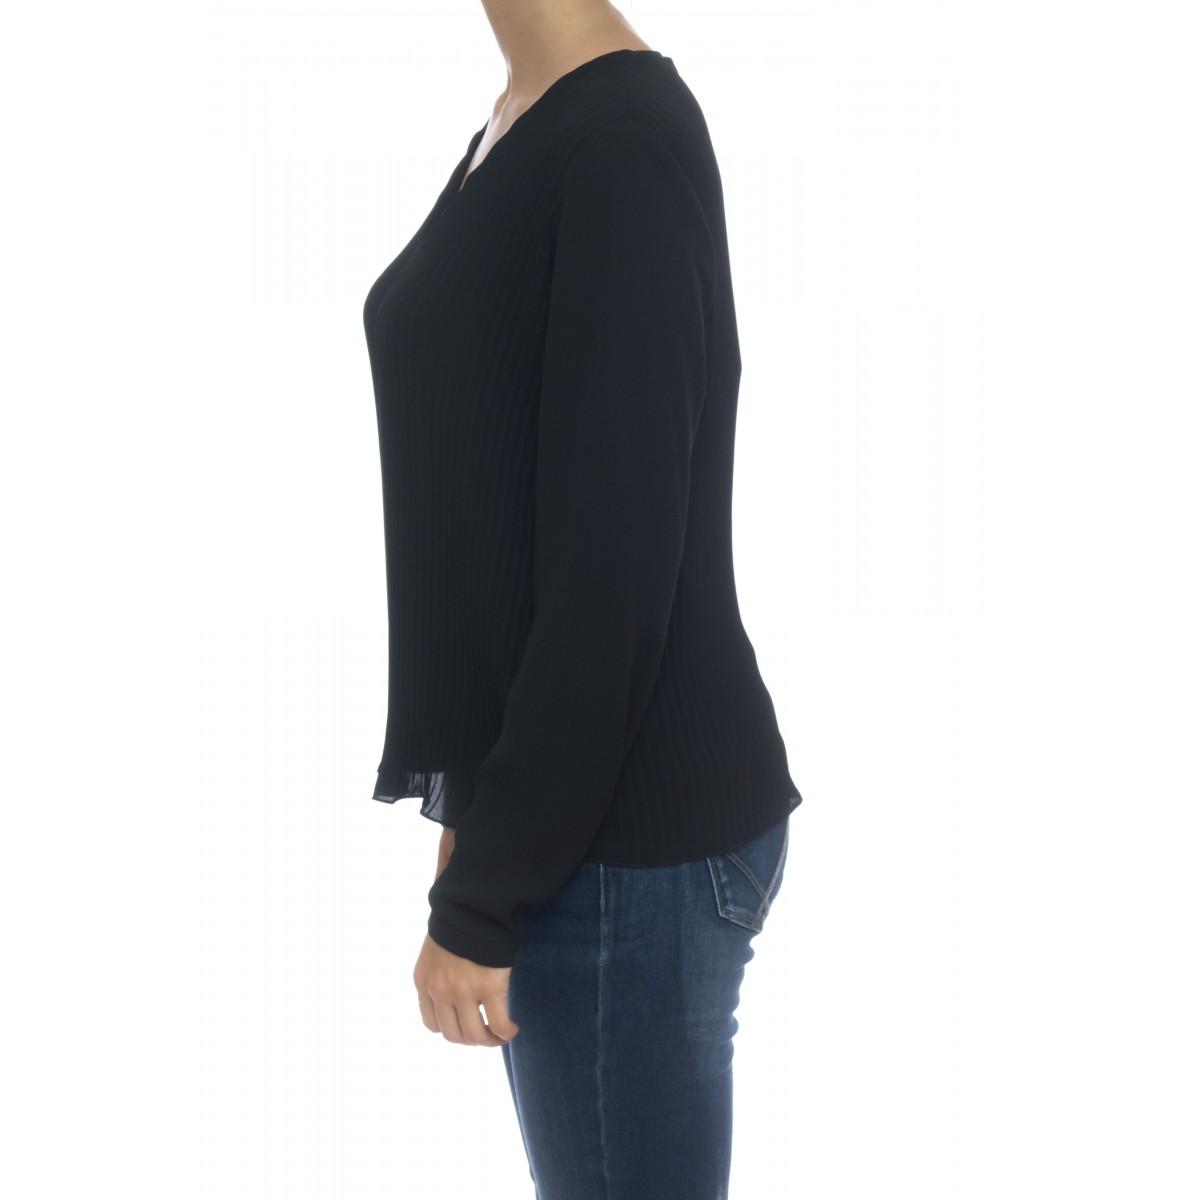 Camicia donna - Four camicia